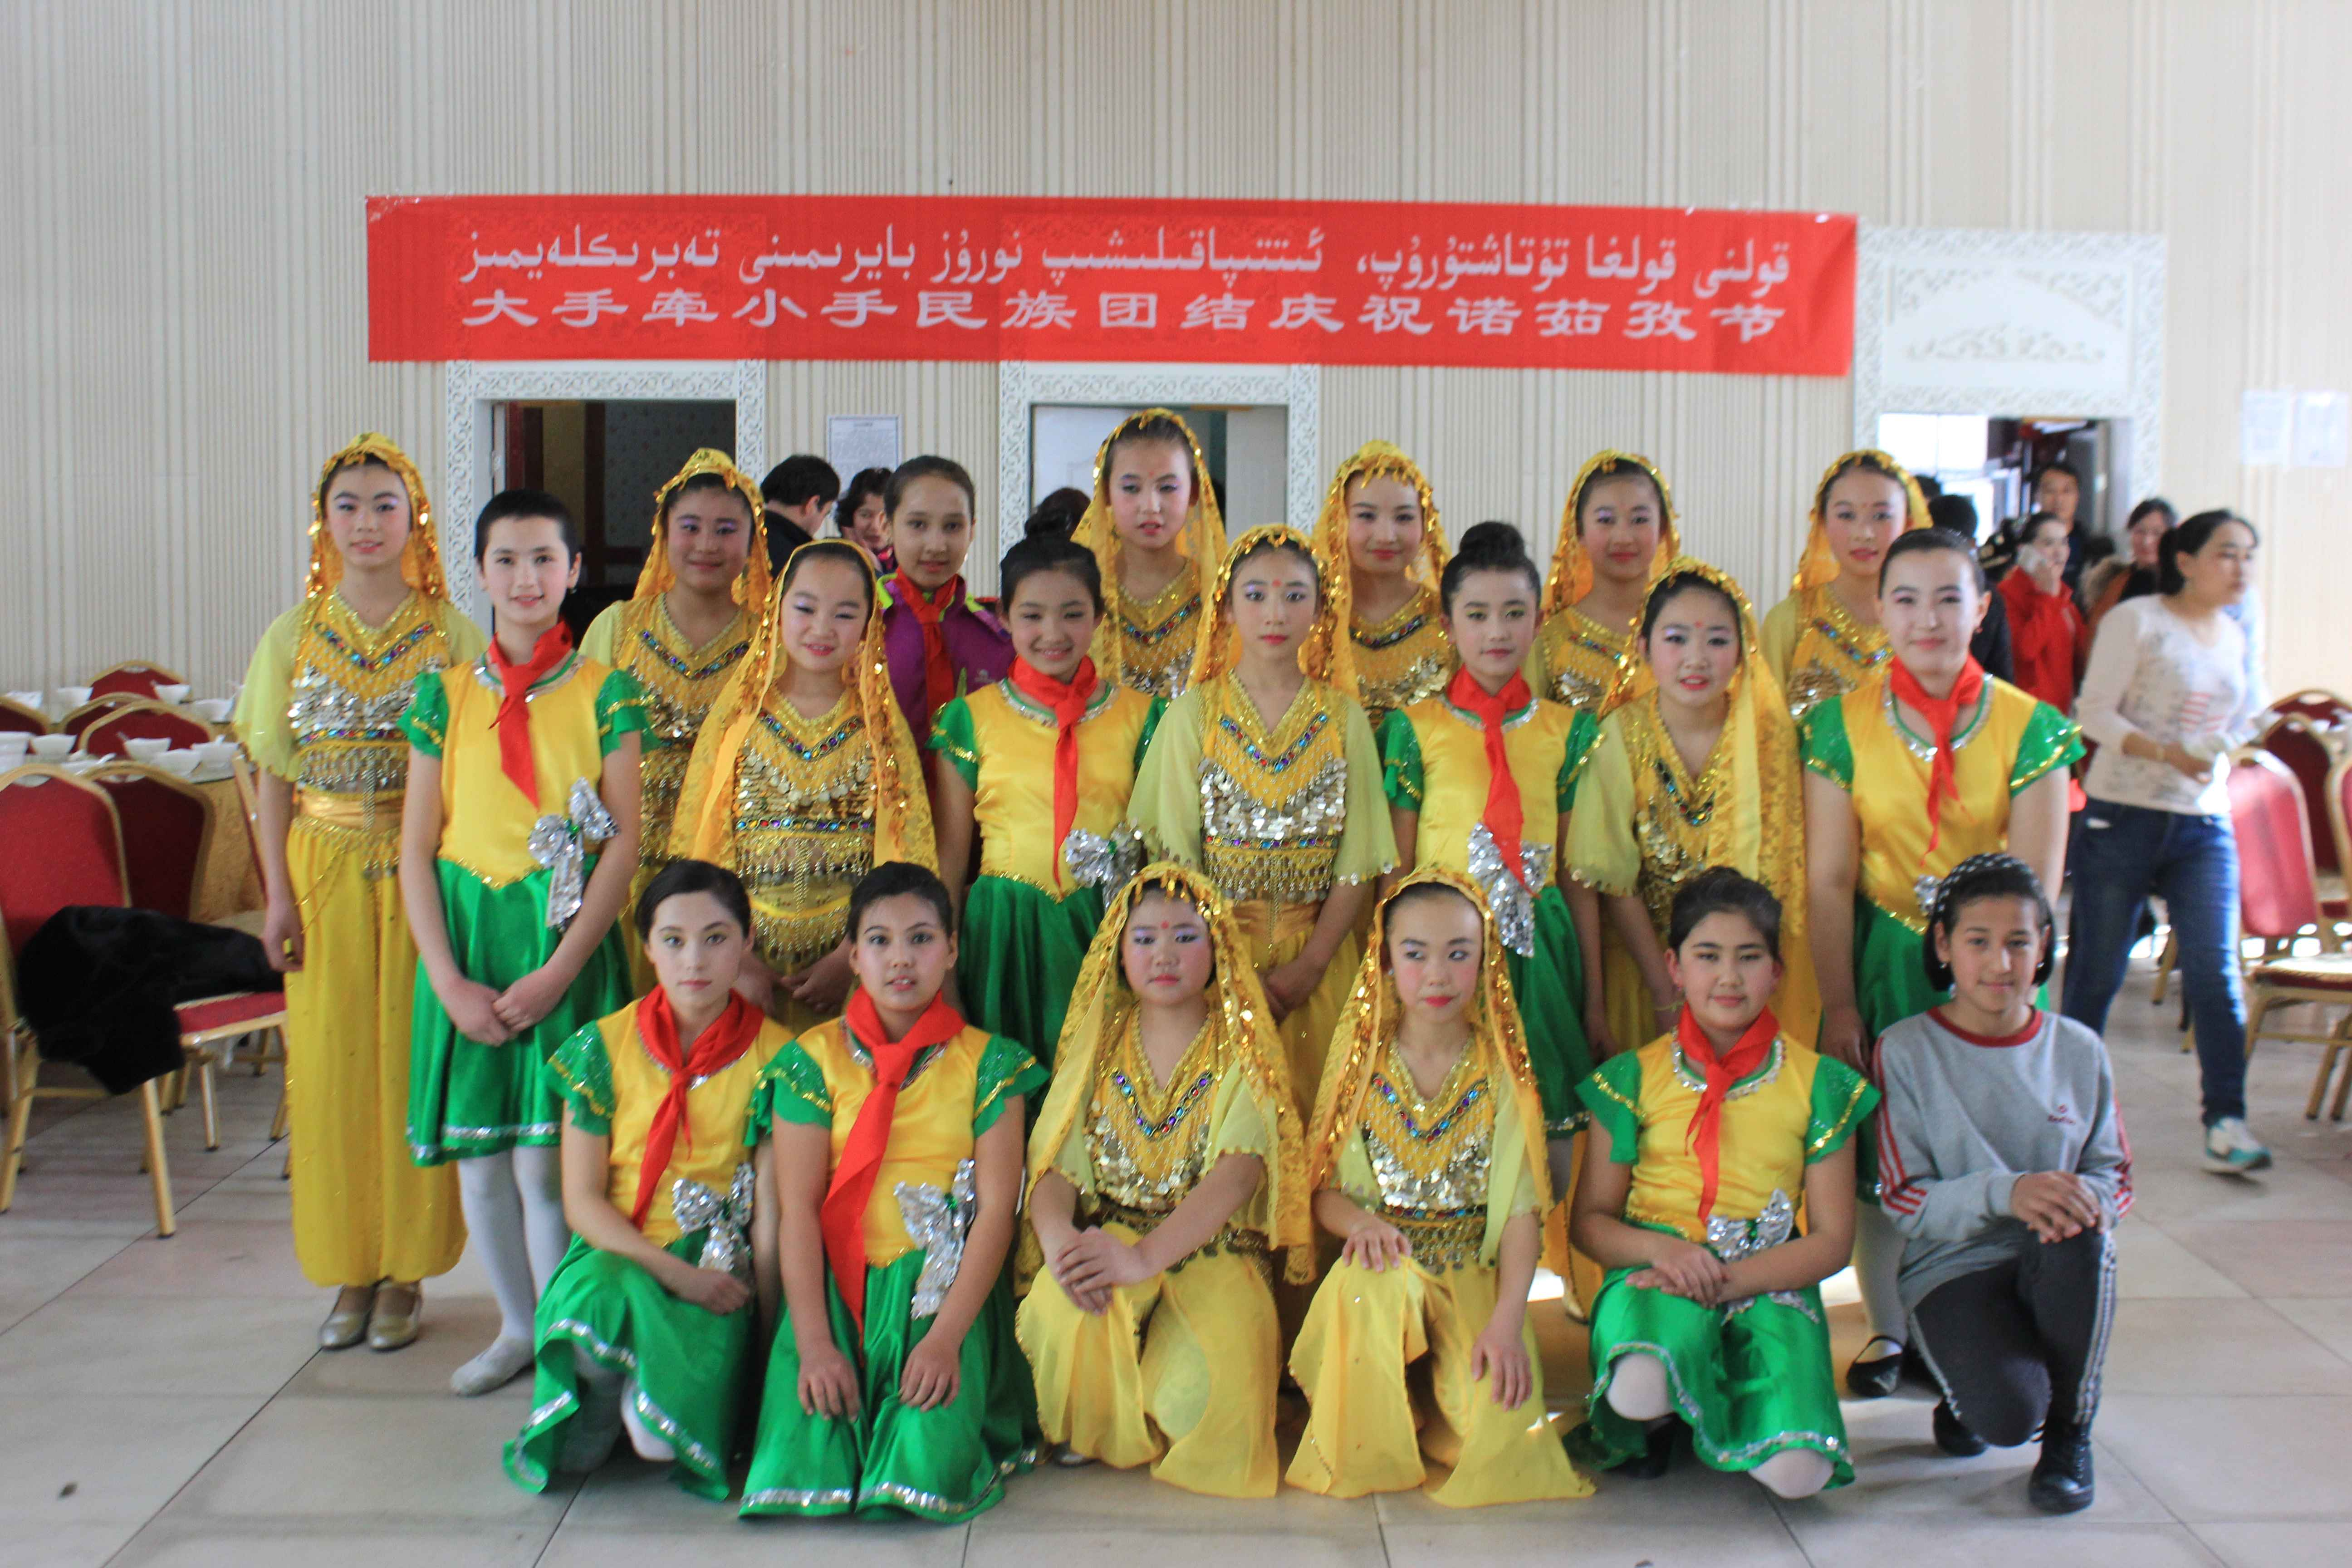 新疆塔城市二工镇中心学校与塔城市第四小学开展大手牵小手民族团结庆